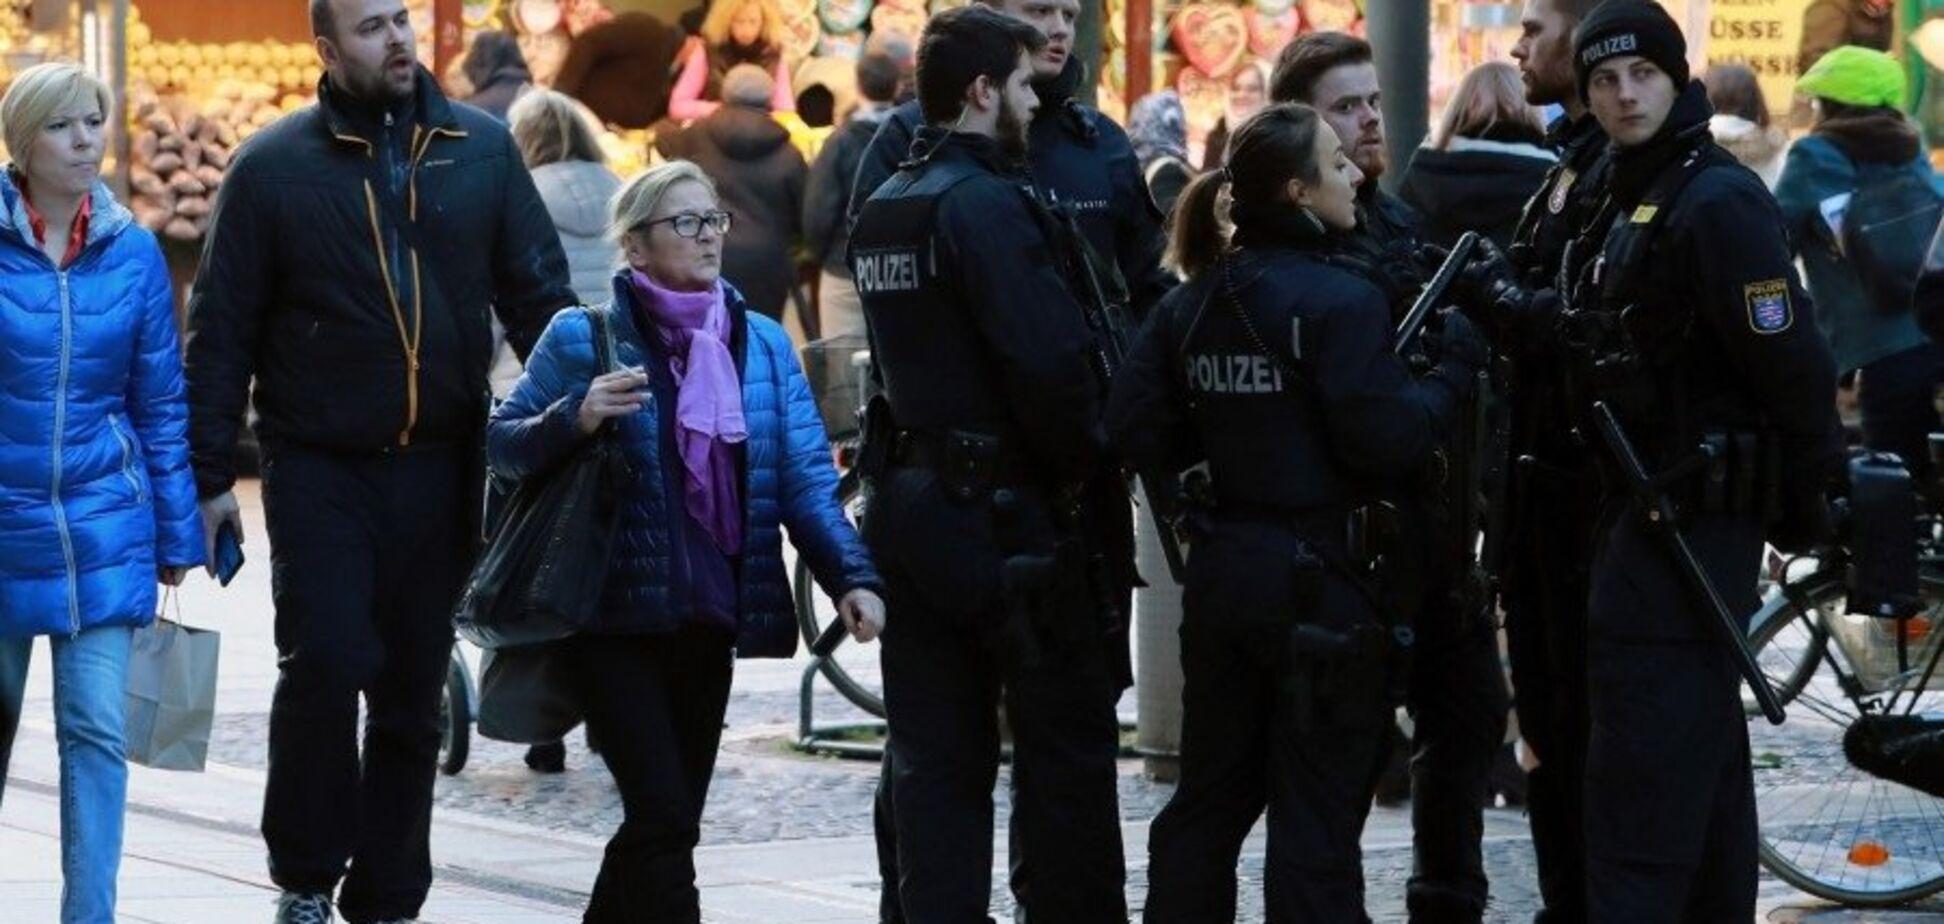 Попытка теракта на рождественской ярмарке в Германии: подробности, фото и видео